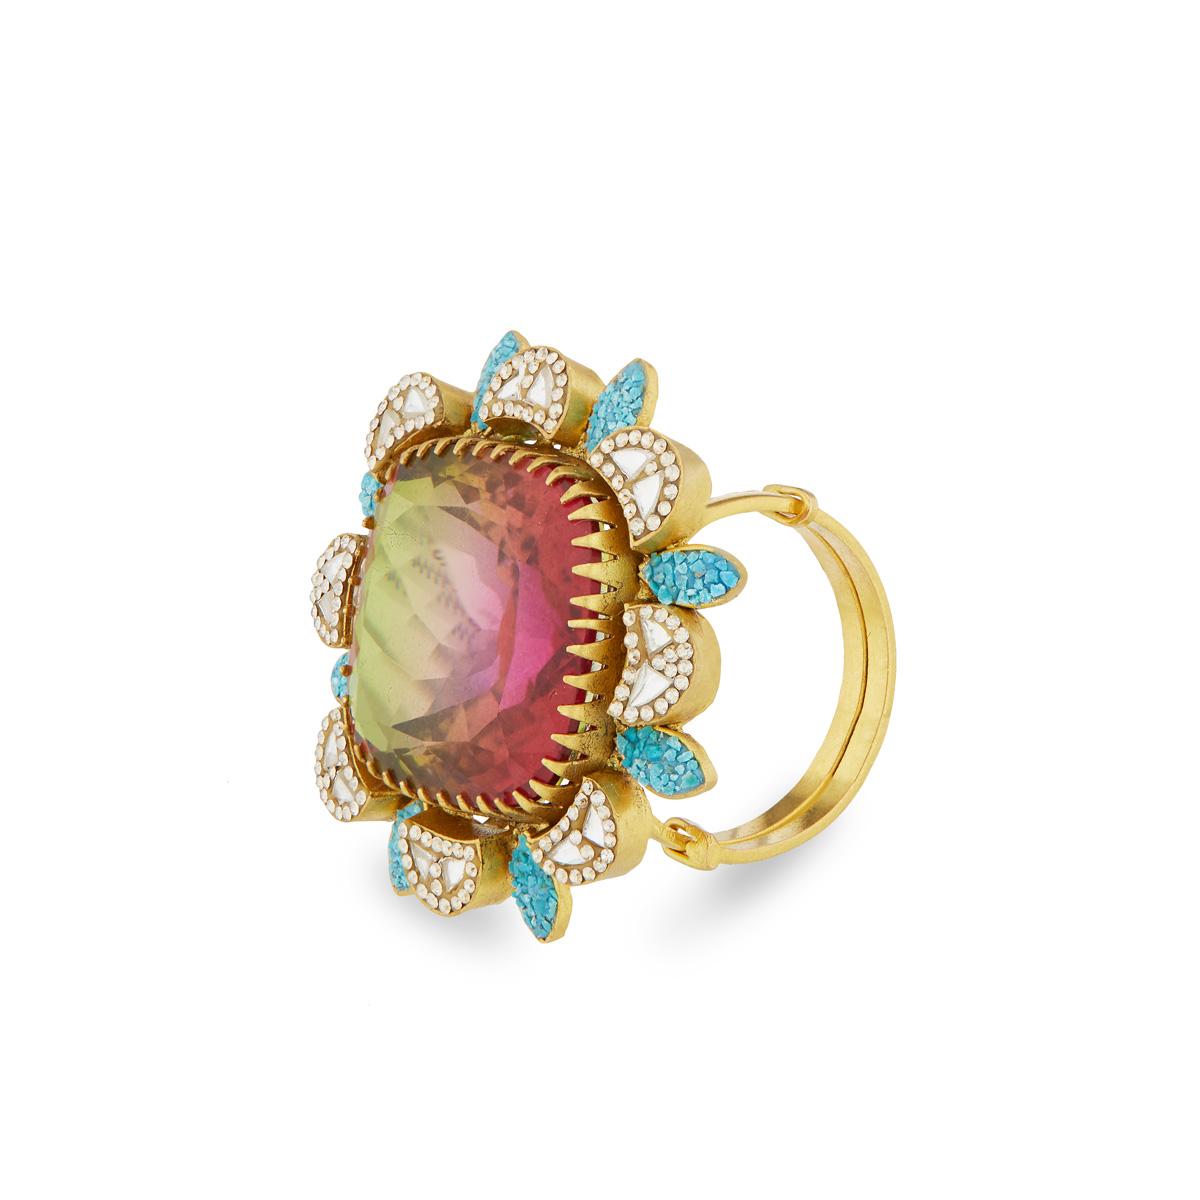 Tuhina Ring